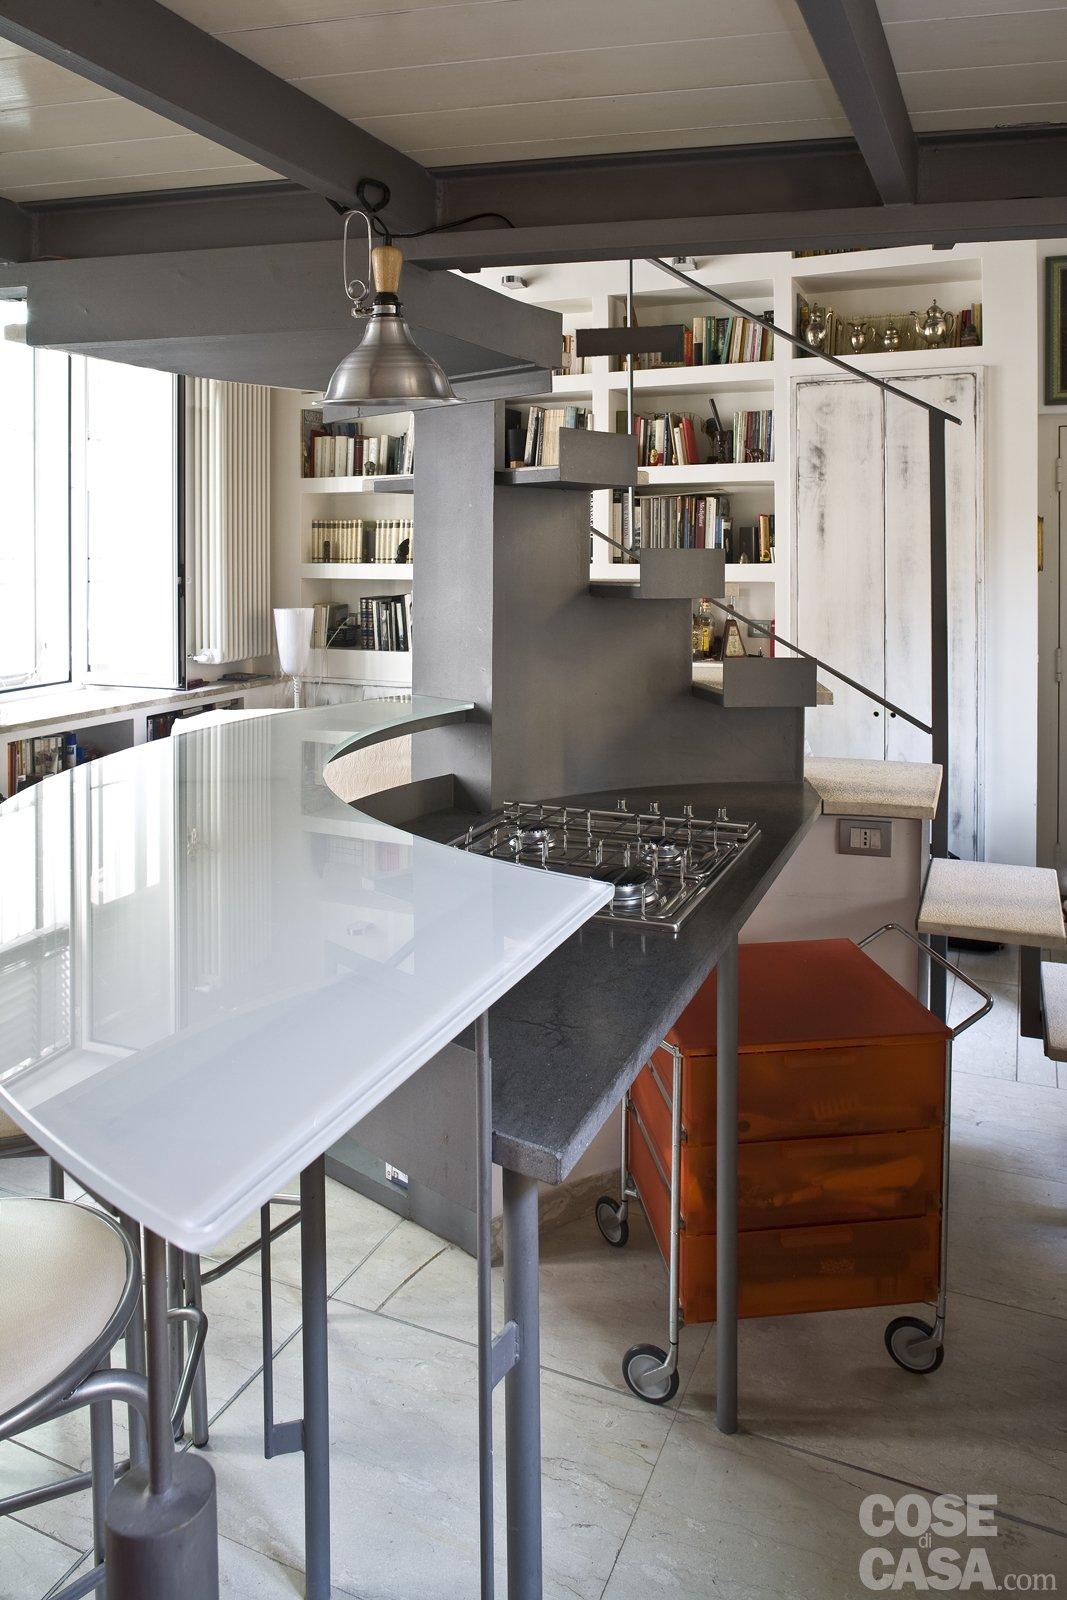 Casa piccola 43 mq soppalco per studio e cabina armadio for Piani di casa cabina con soppalco